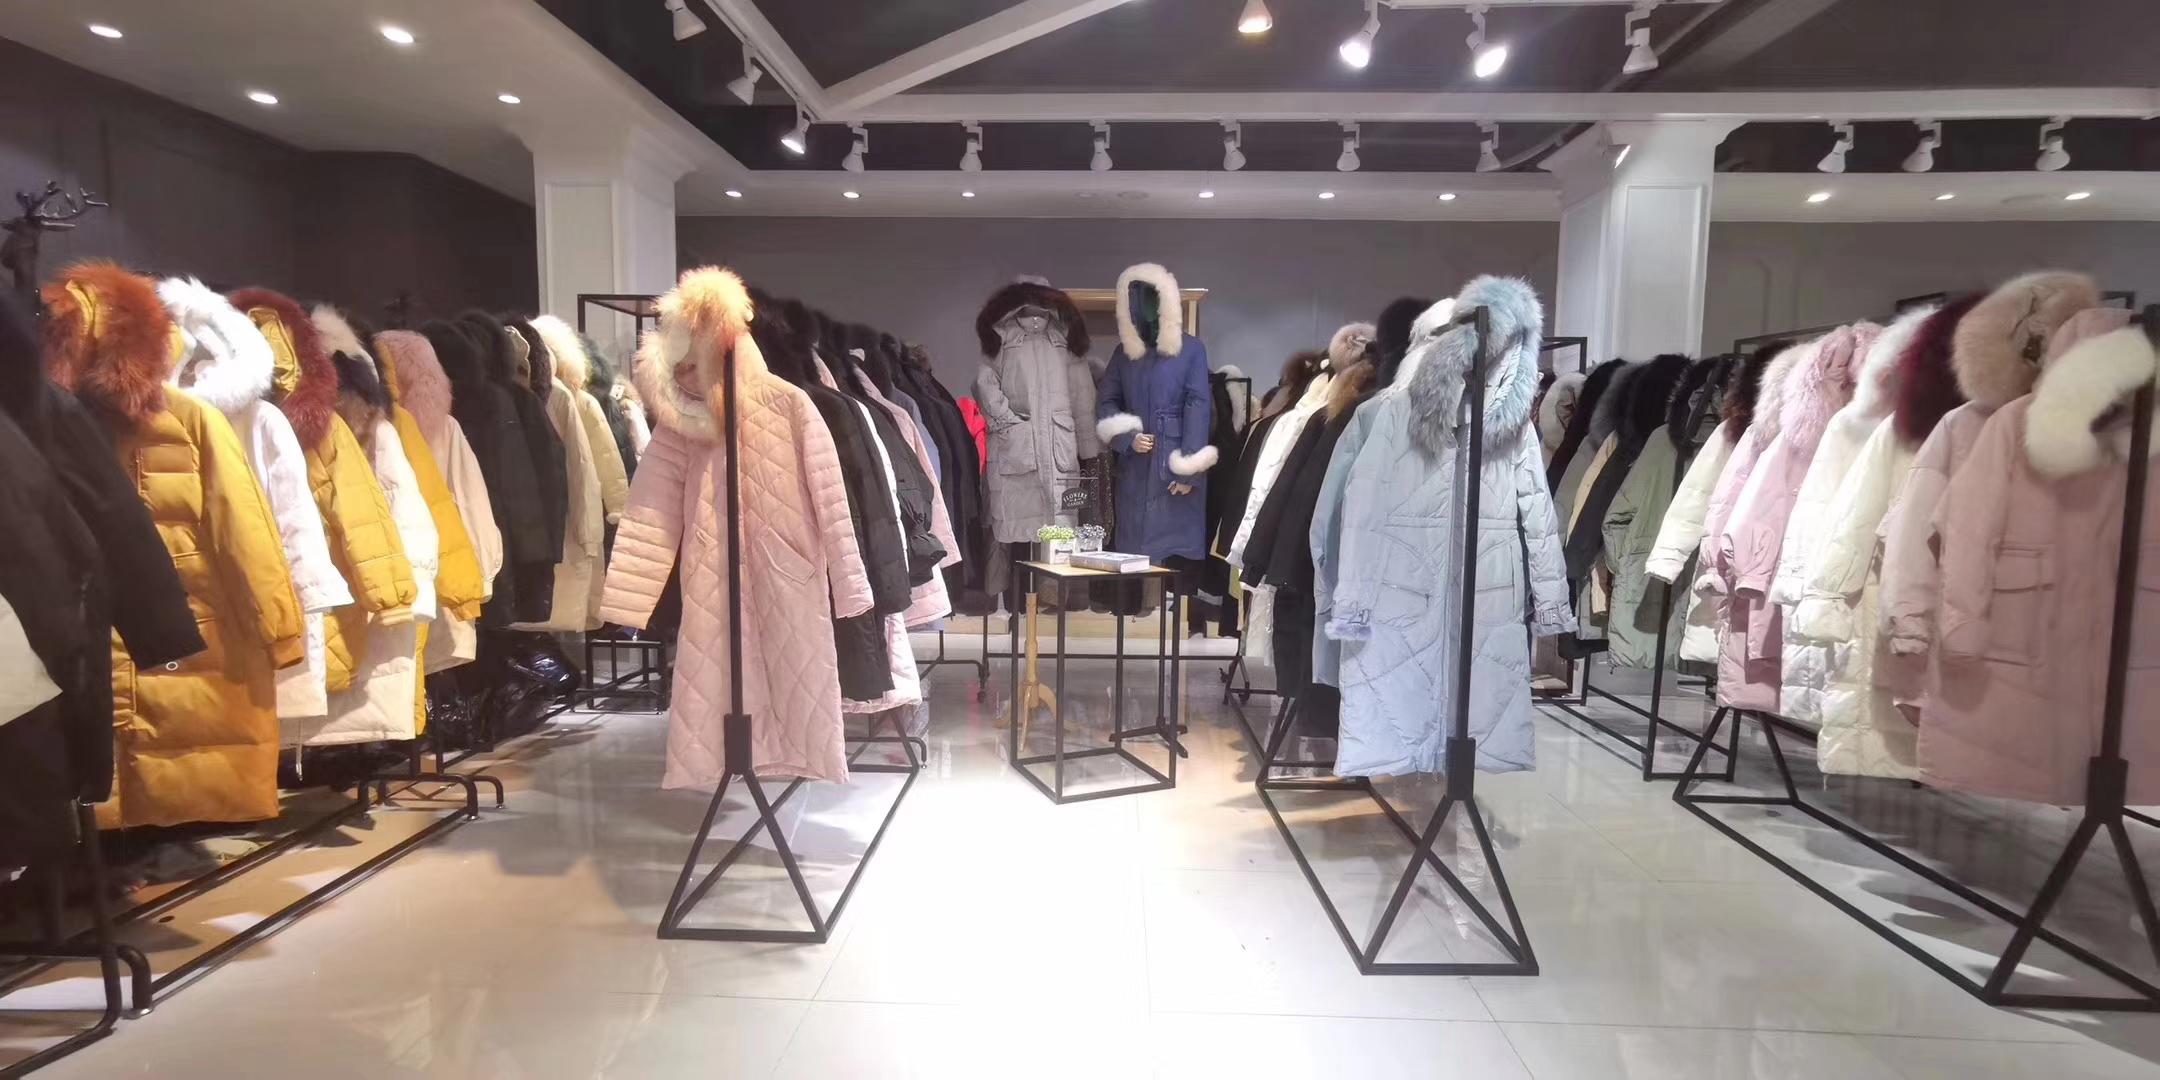 推荐:服装人必收藏的时尚折扣女装批发进货攻略